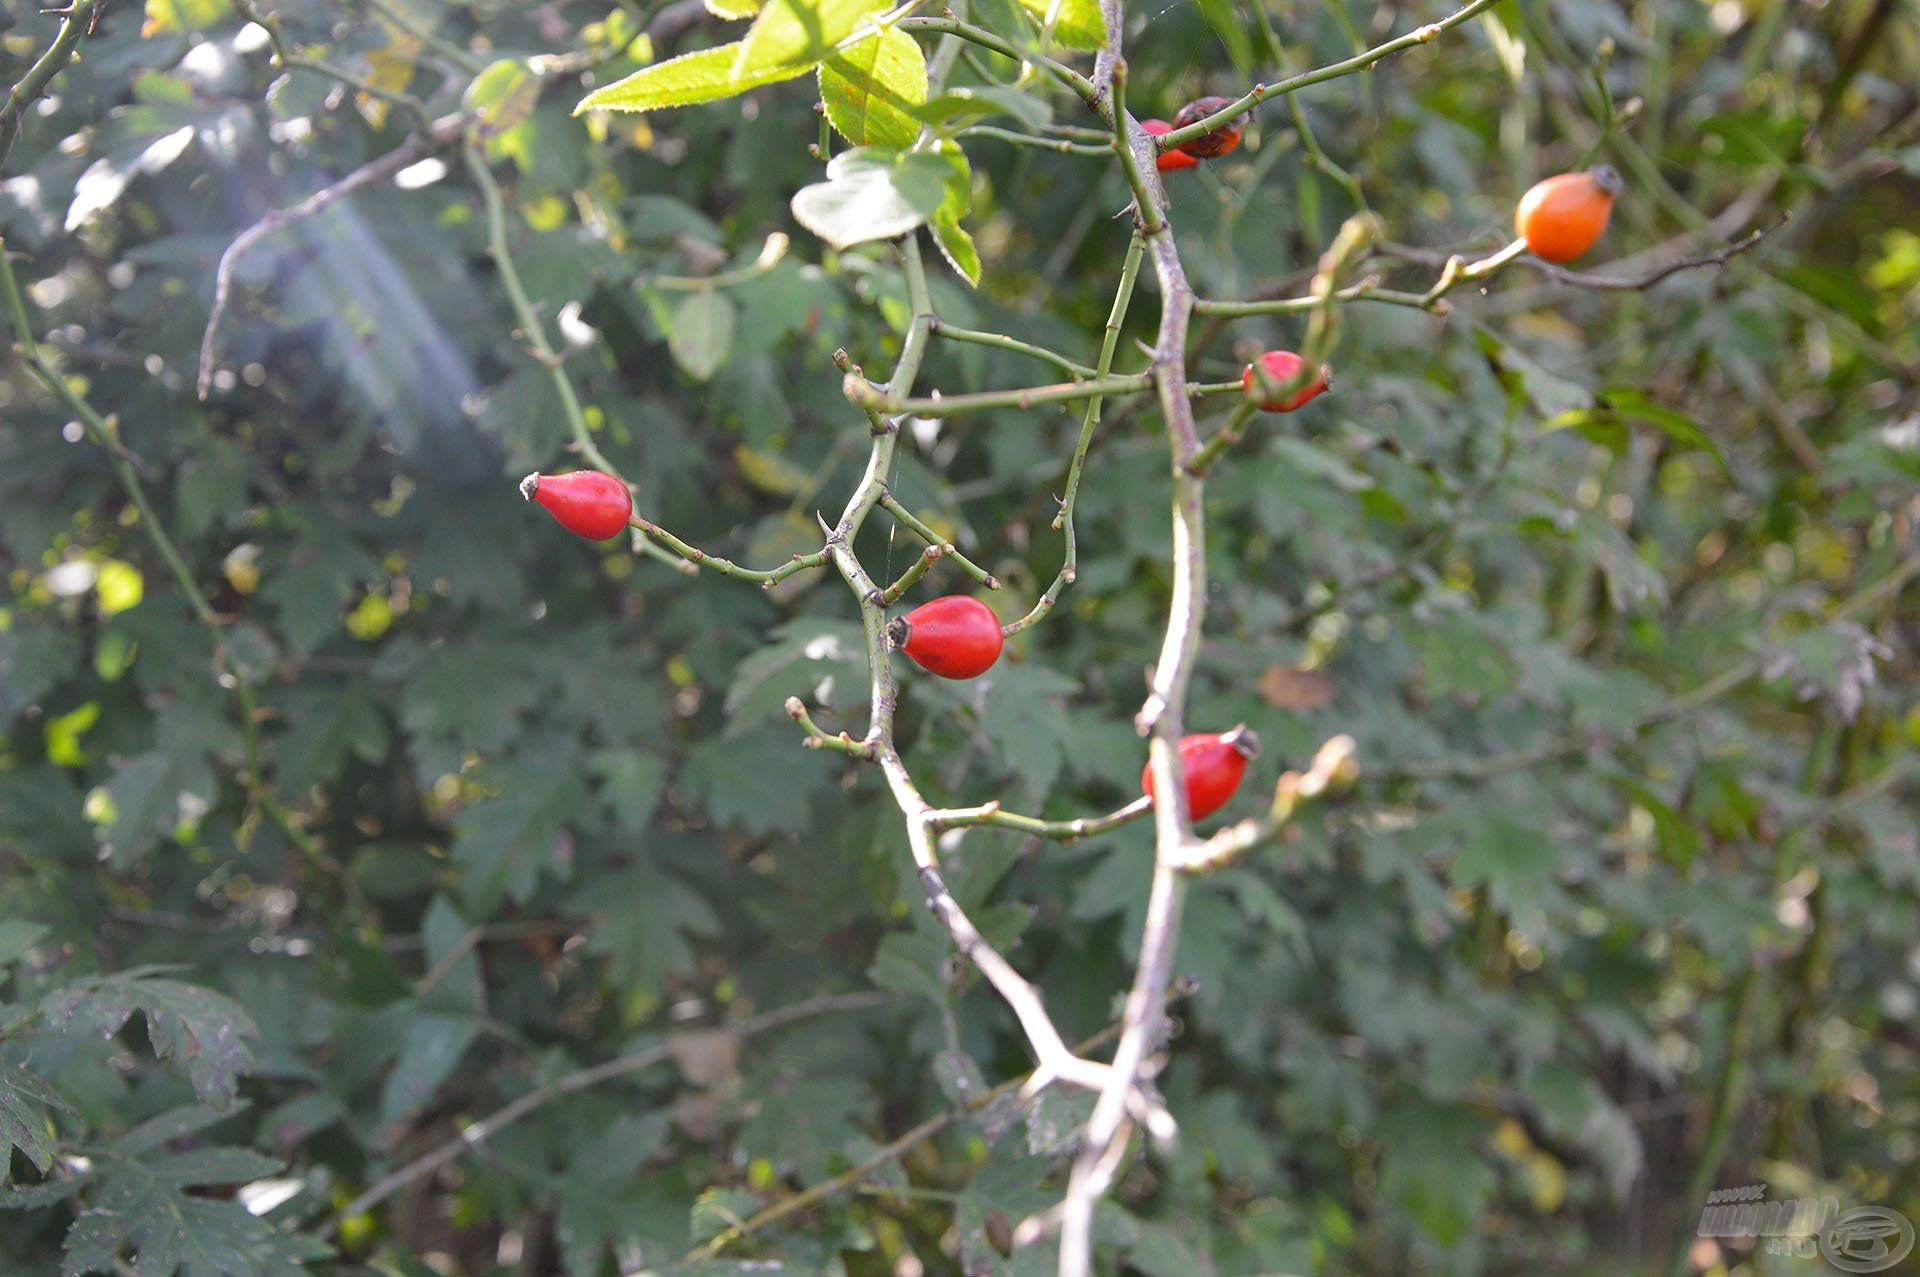 A csipkebogyók érése is az ősz beköszöntét jelzi